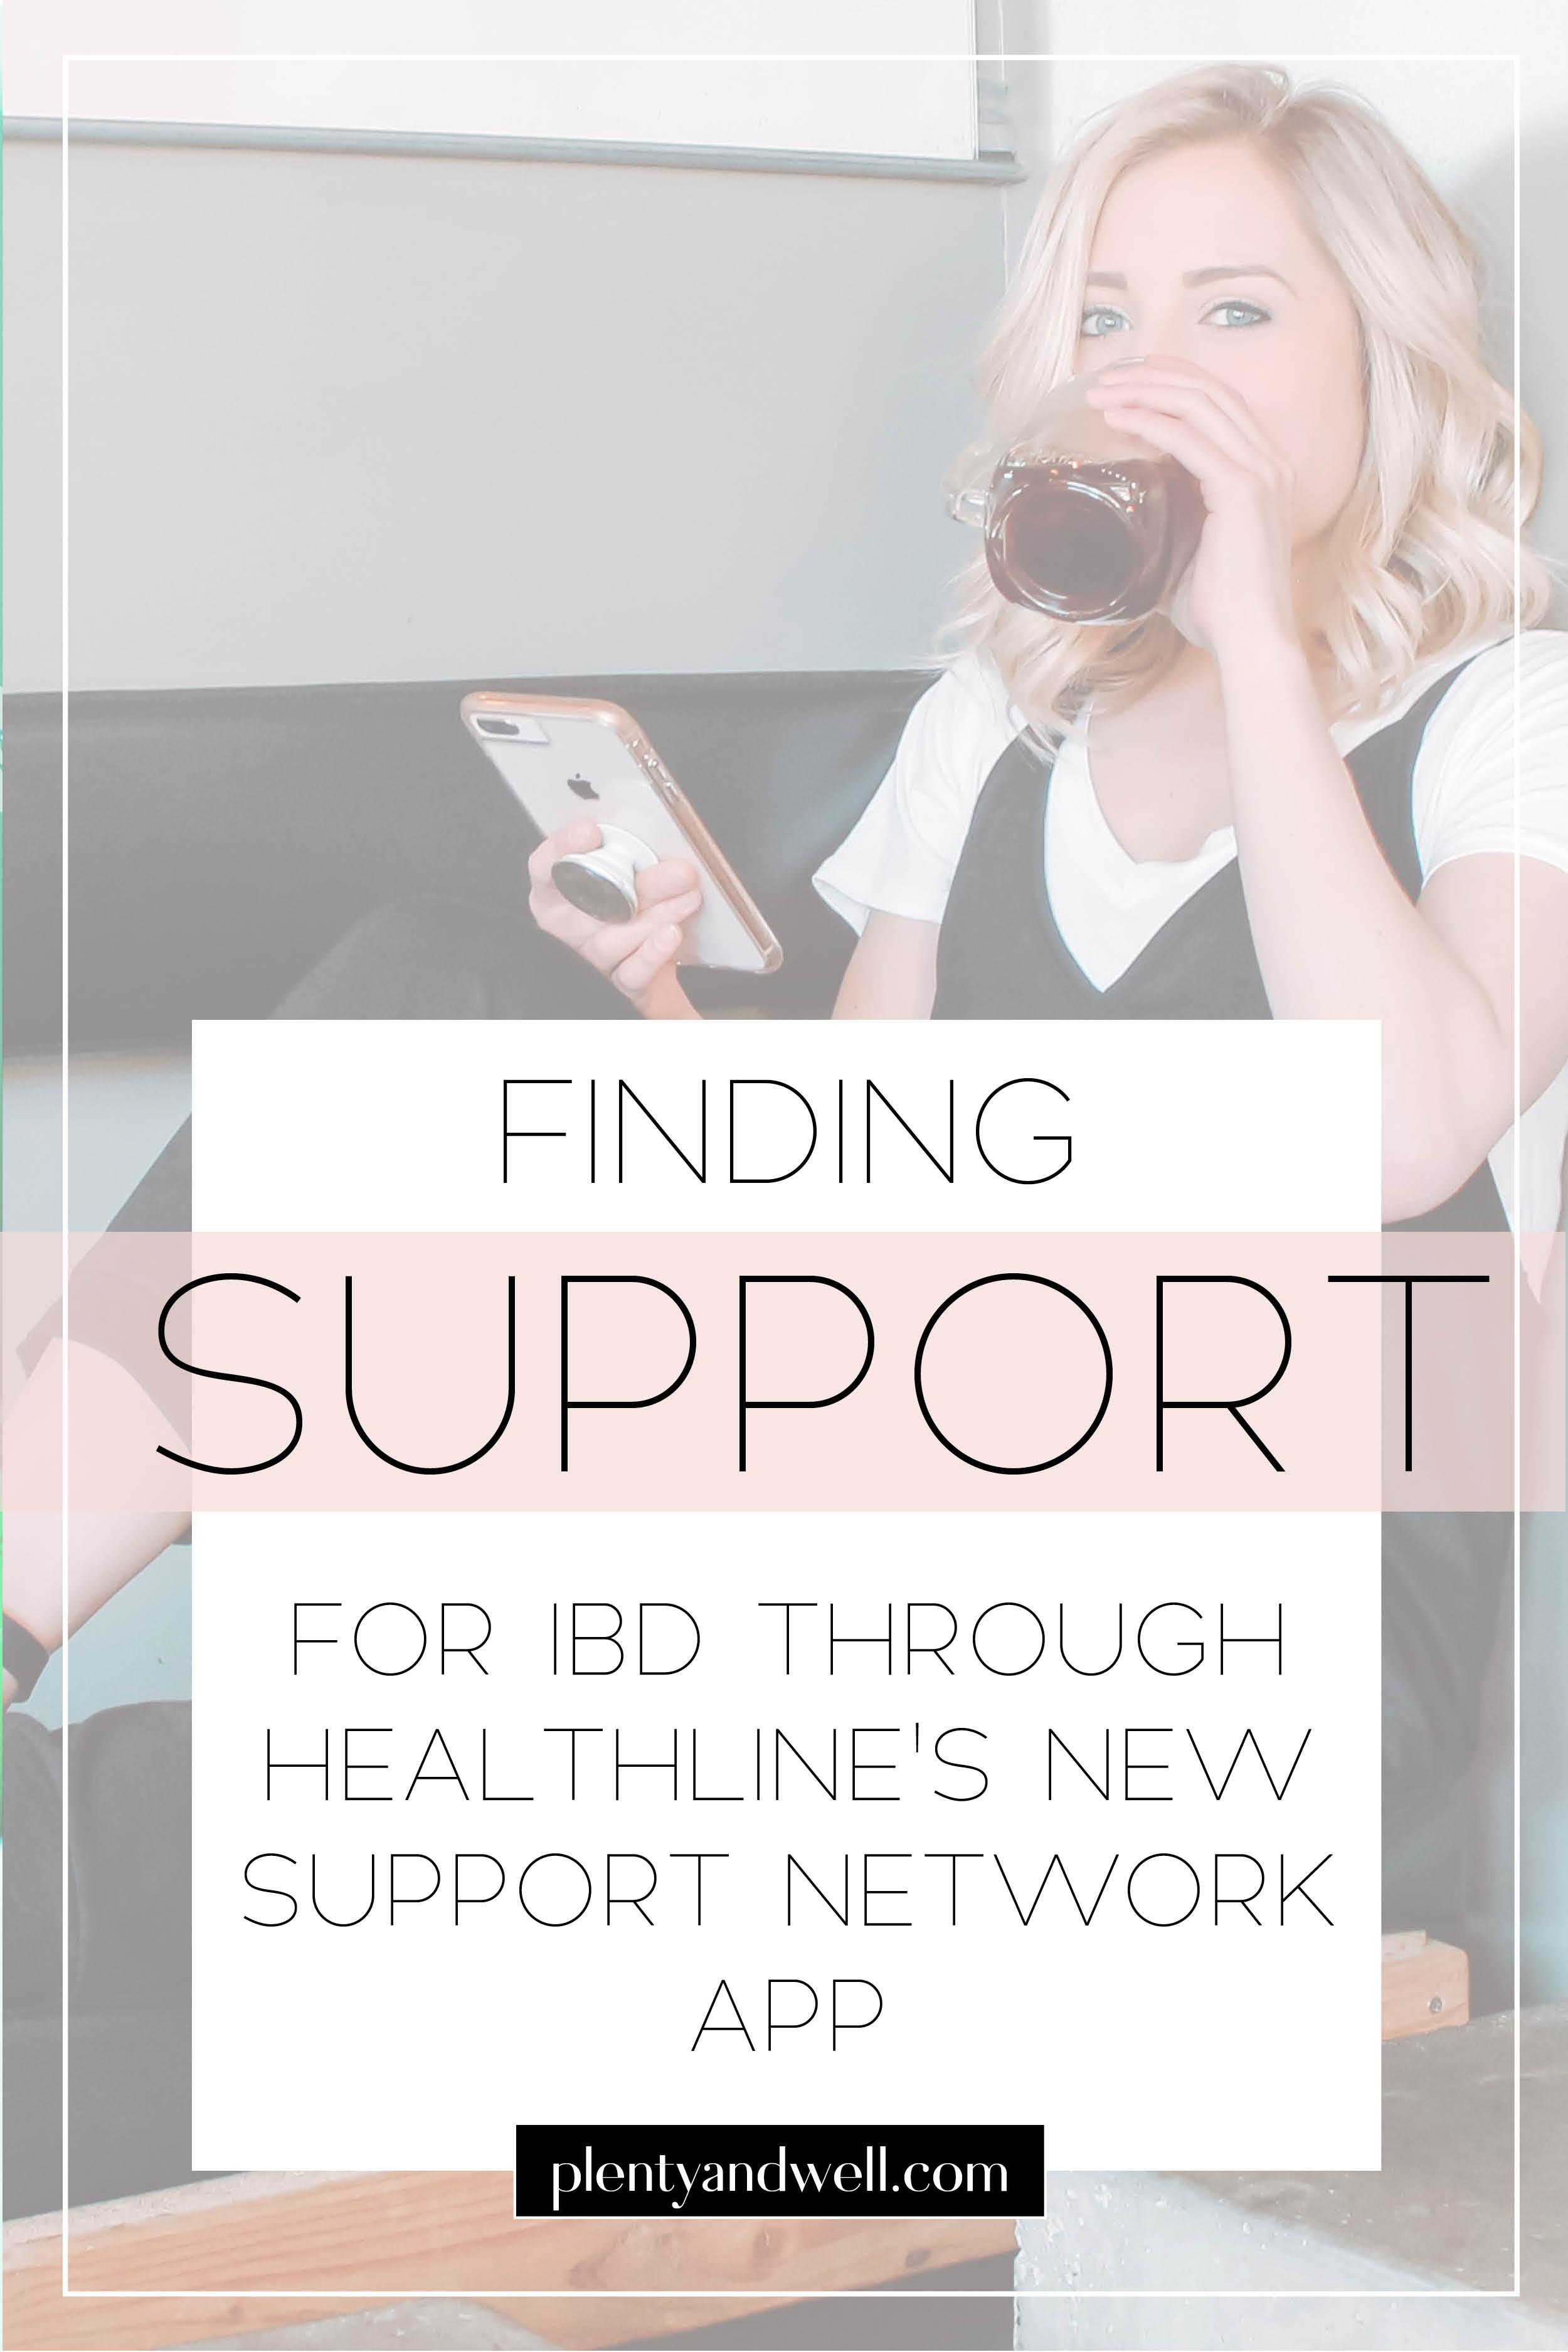 Healthline IBD support network app